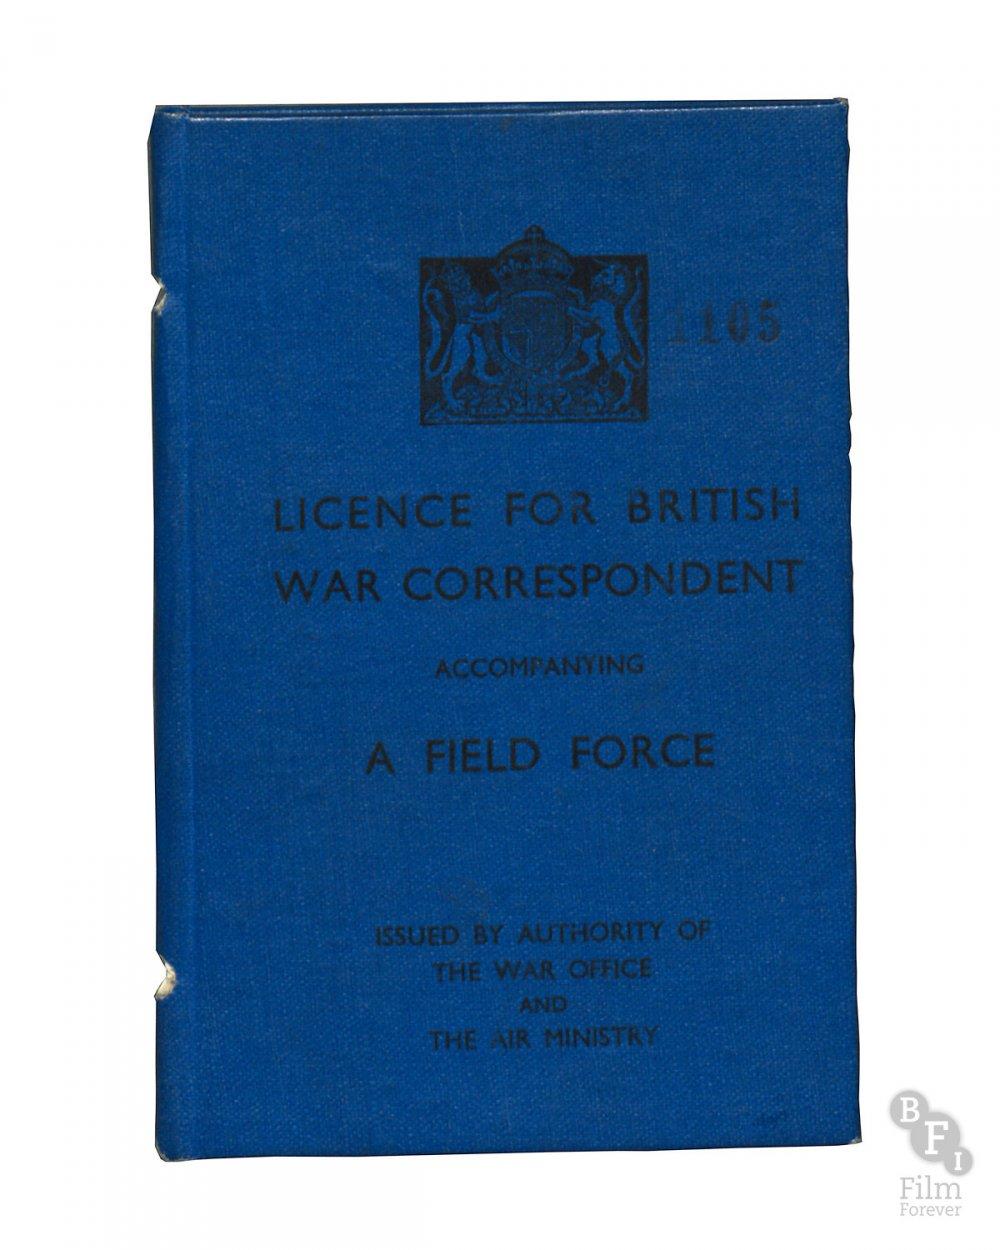 Alan Whicker's British War Correspondent license